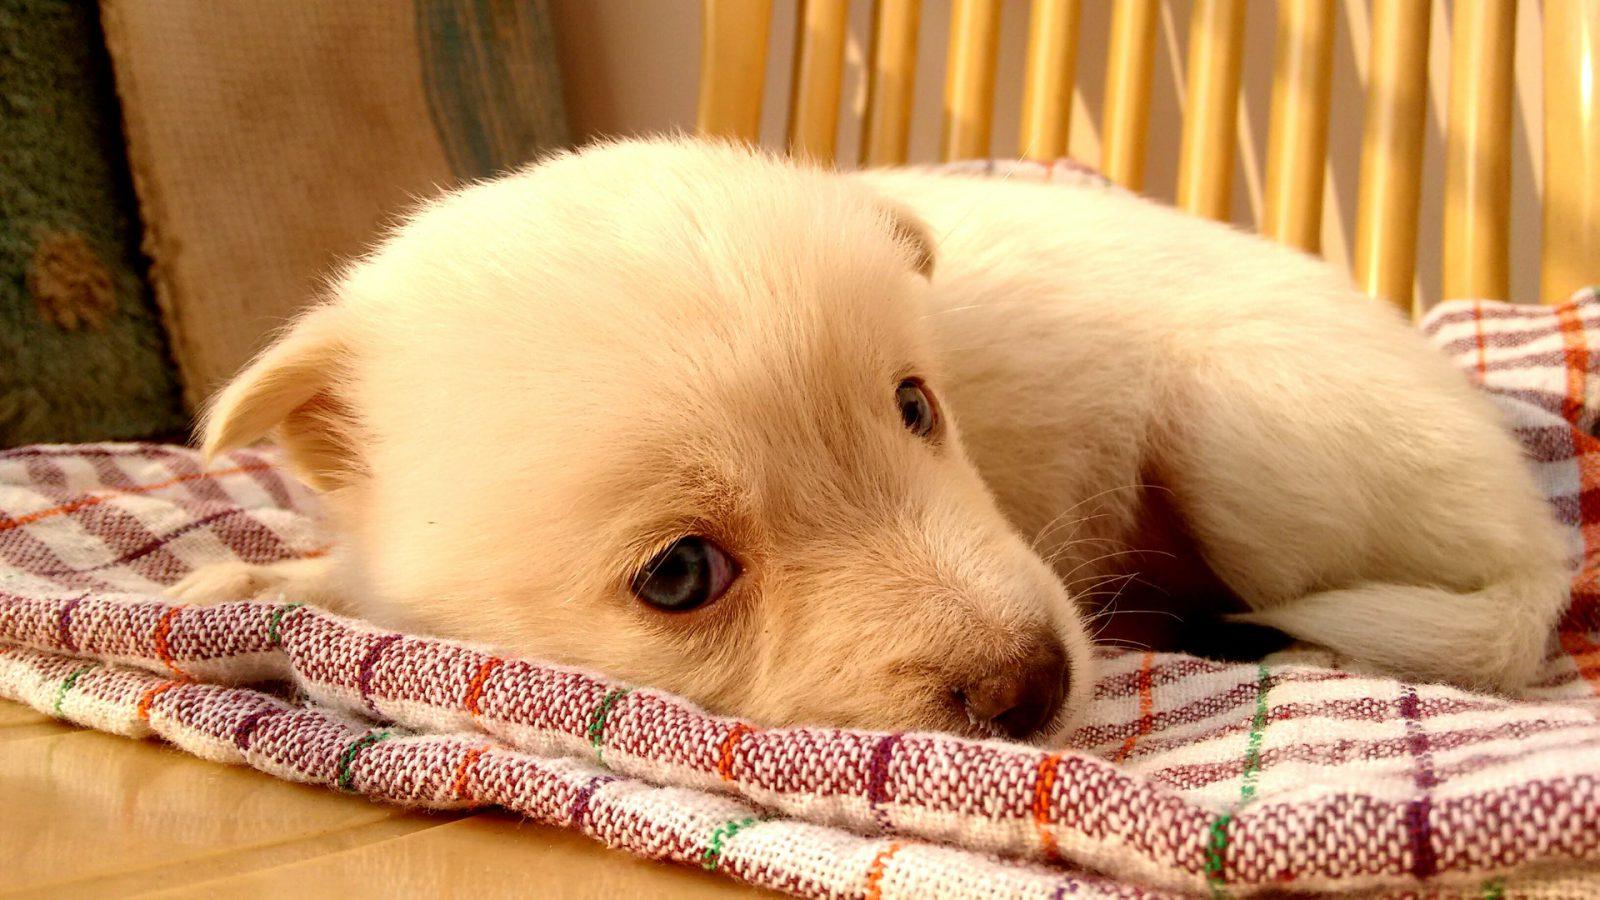 Sonhar com filhote de cachorro dormindo signifca um desejo de transferir seus conhecimentos para outras pessoas.